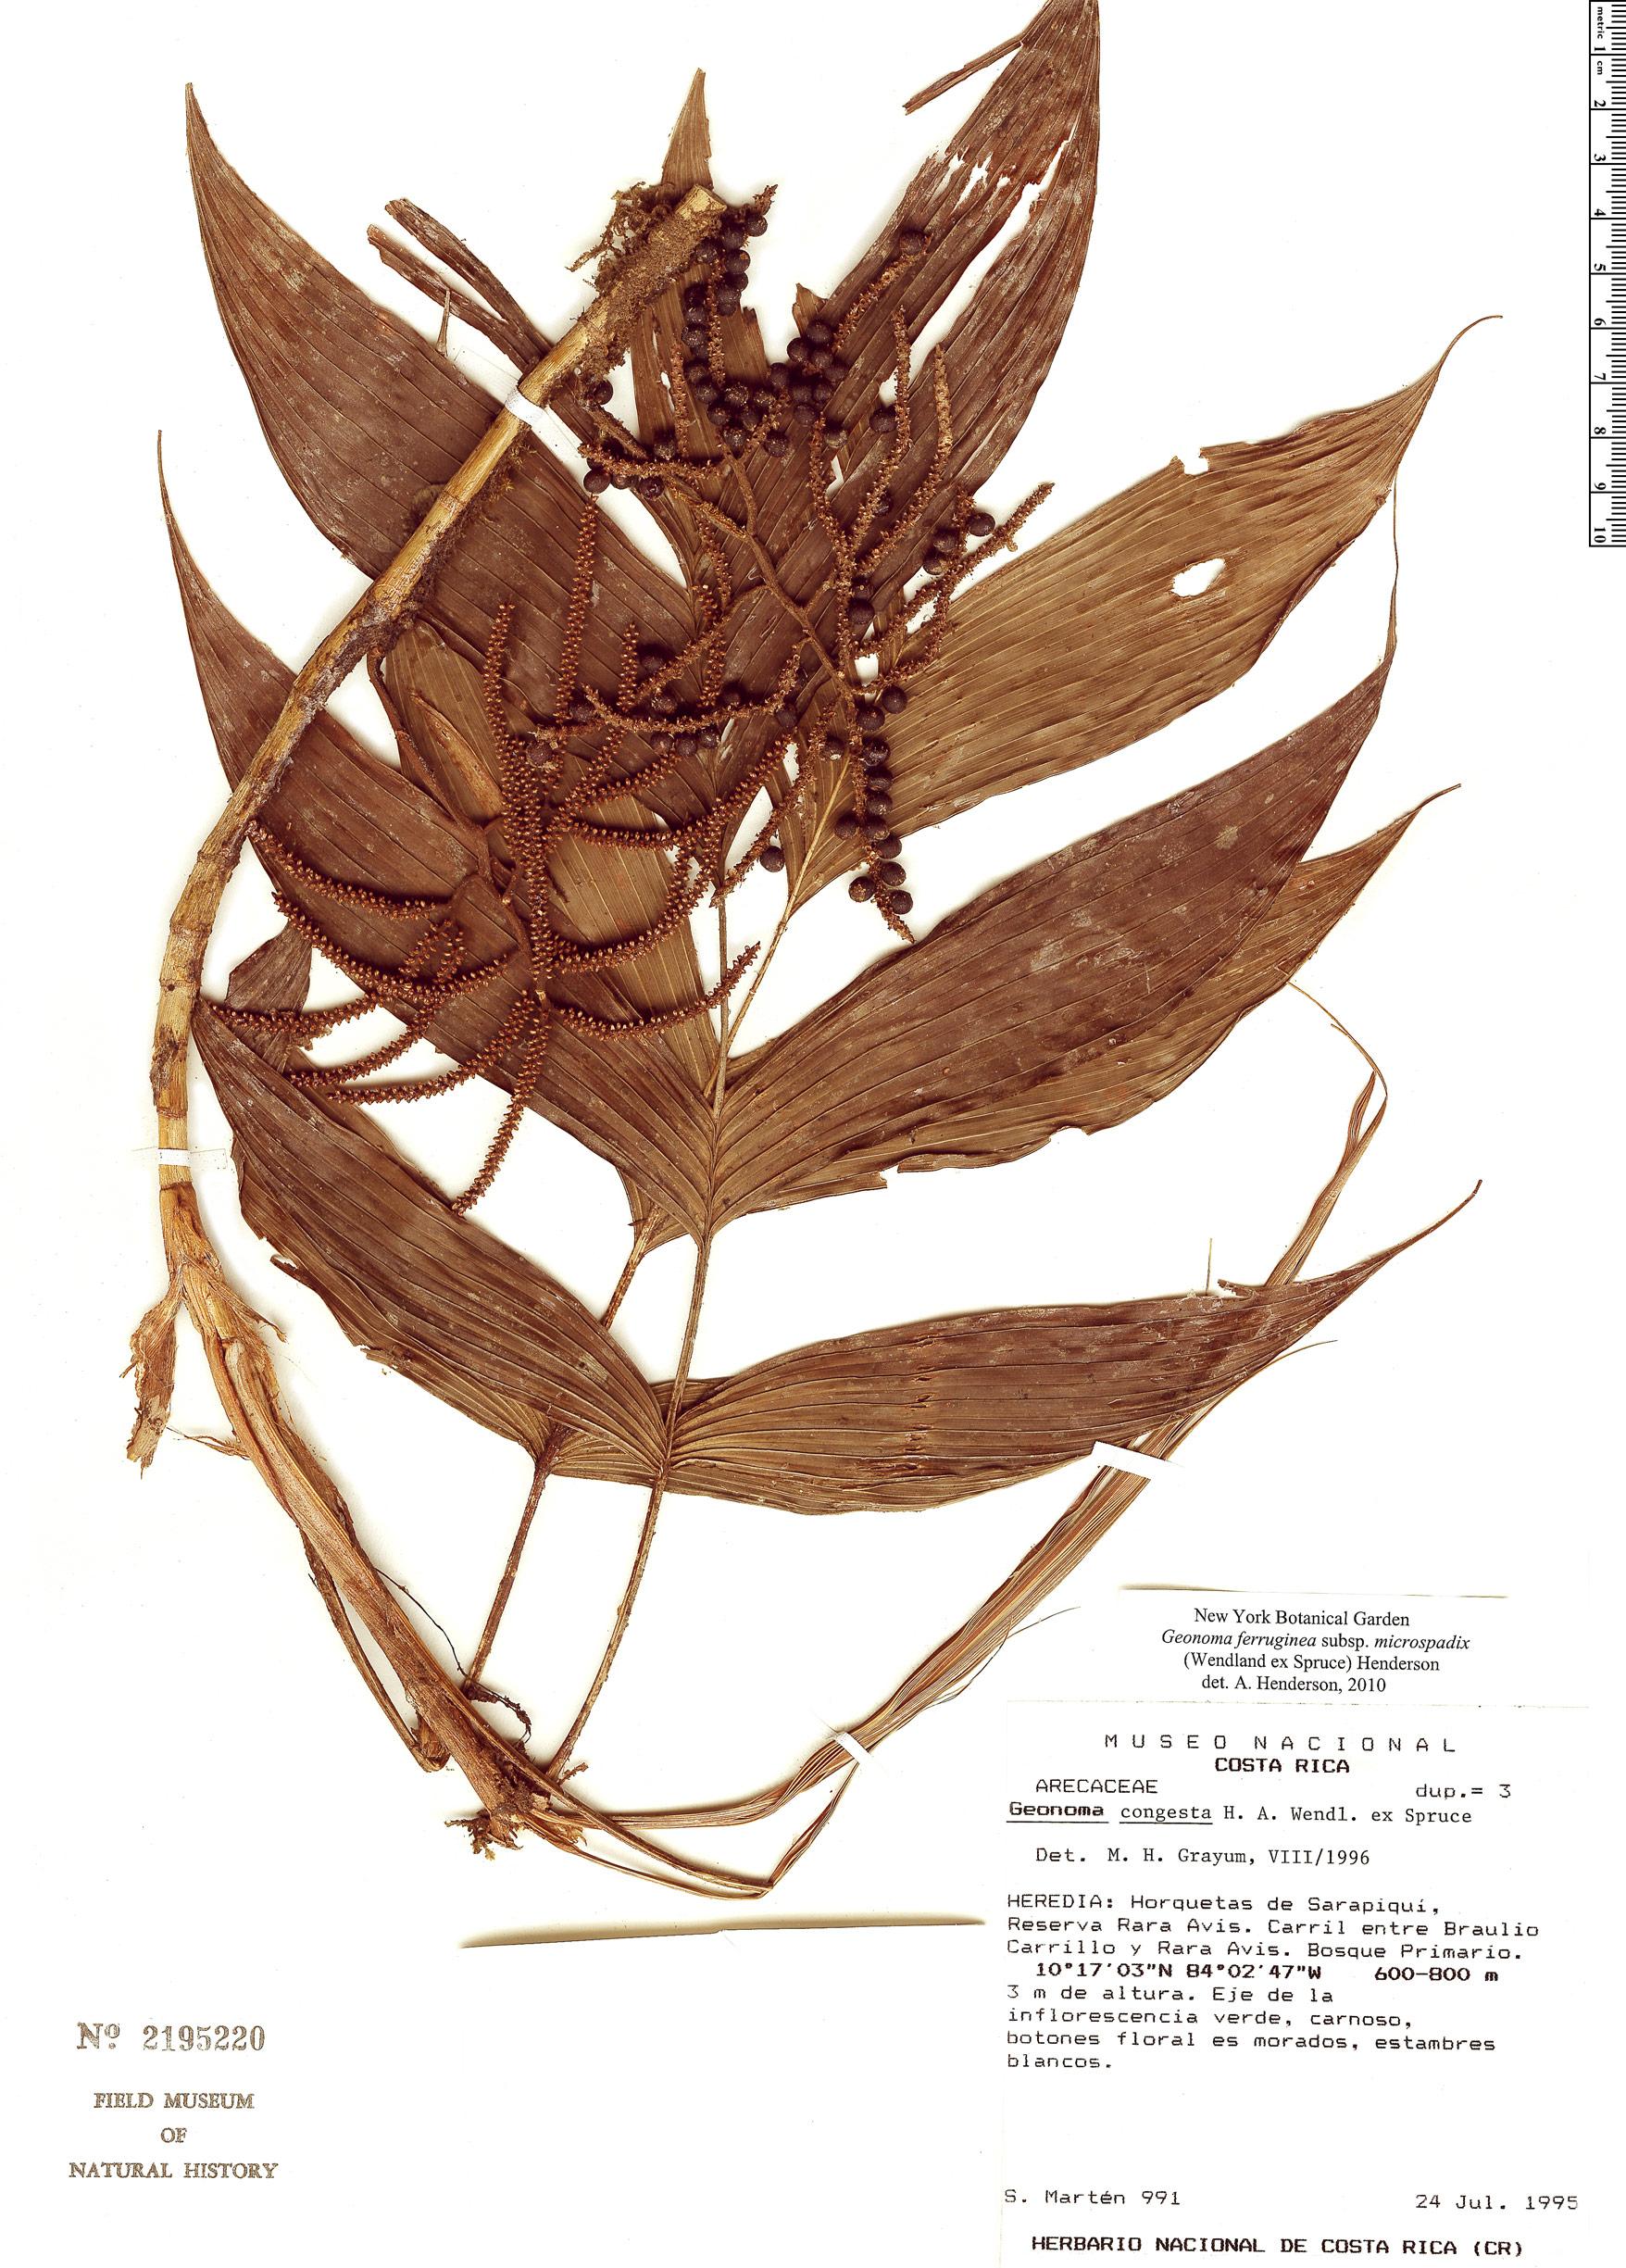 Specimen: Geonoma ferruginea